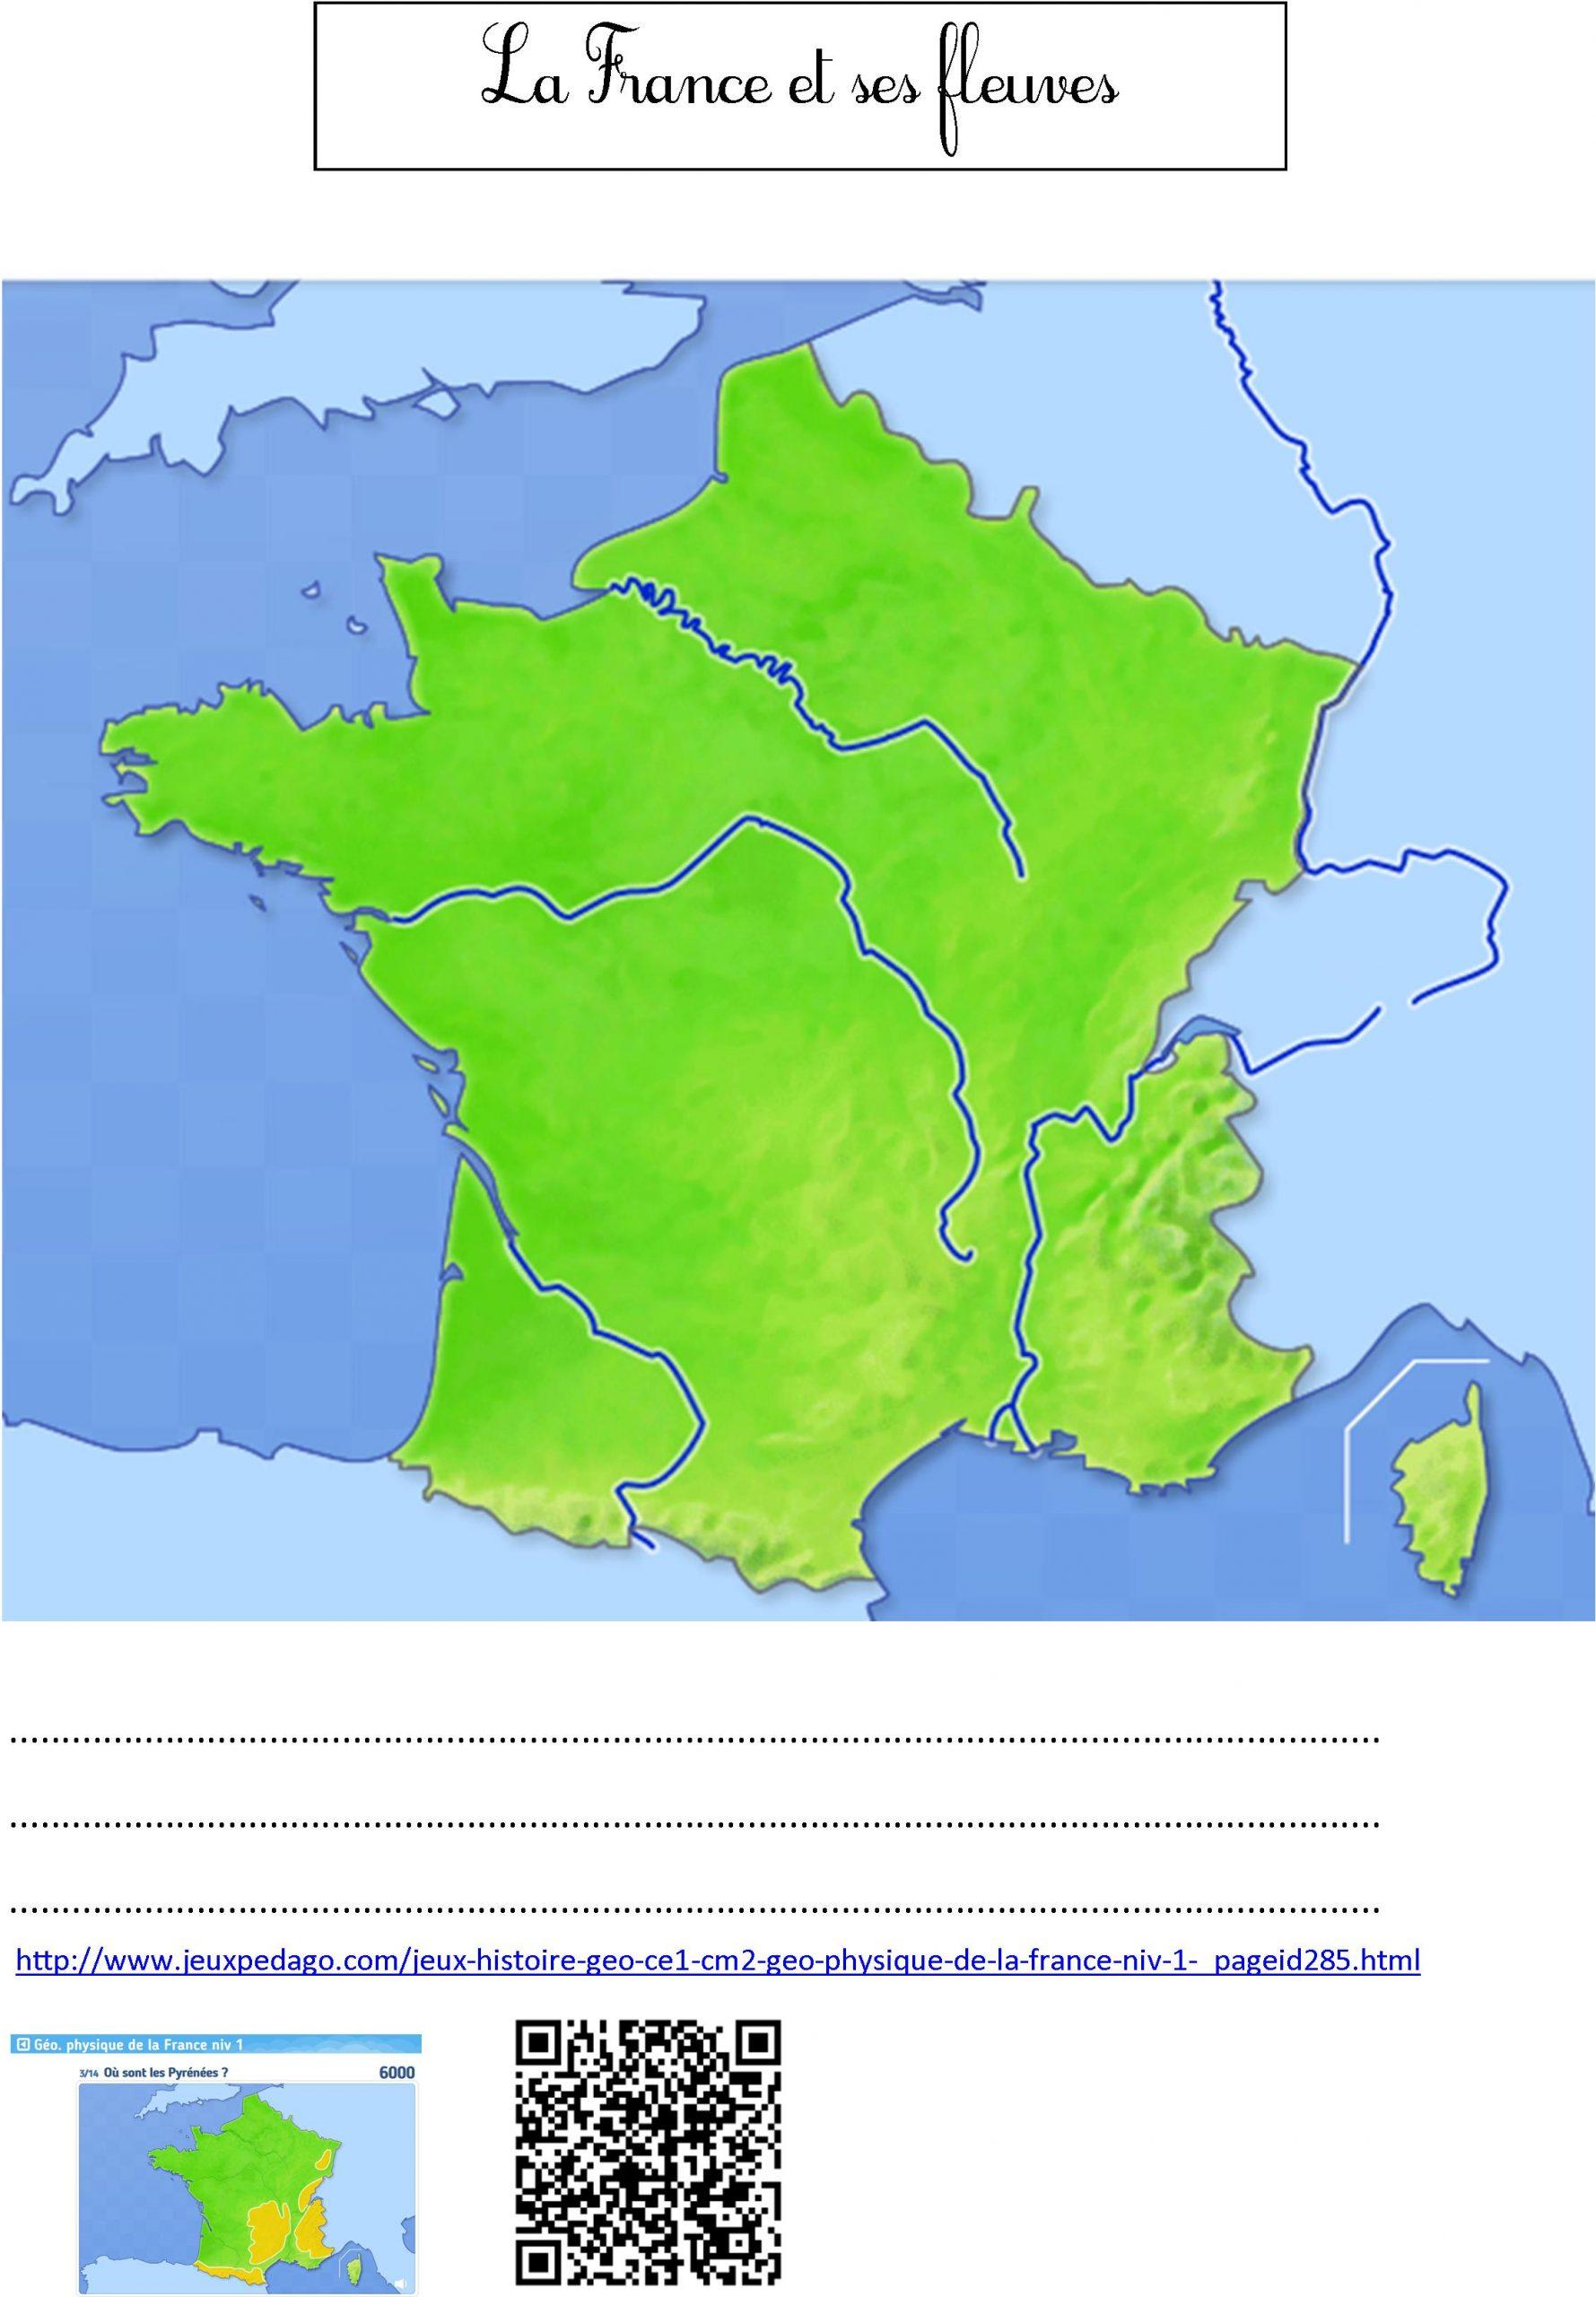 Fleuves De France | Le Blog De Monsieur Mathieu pour Fleuves Ce2